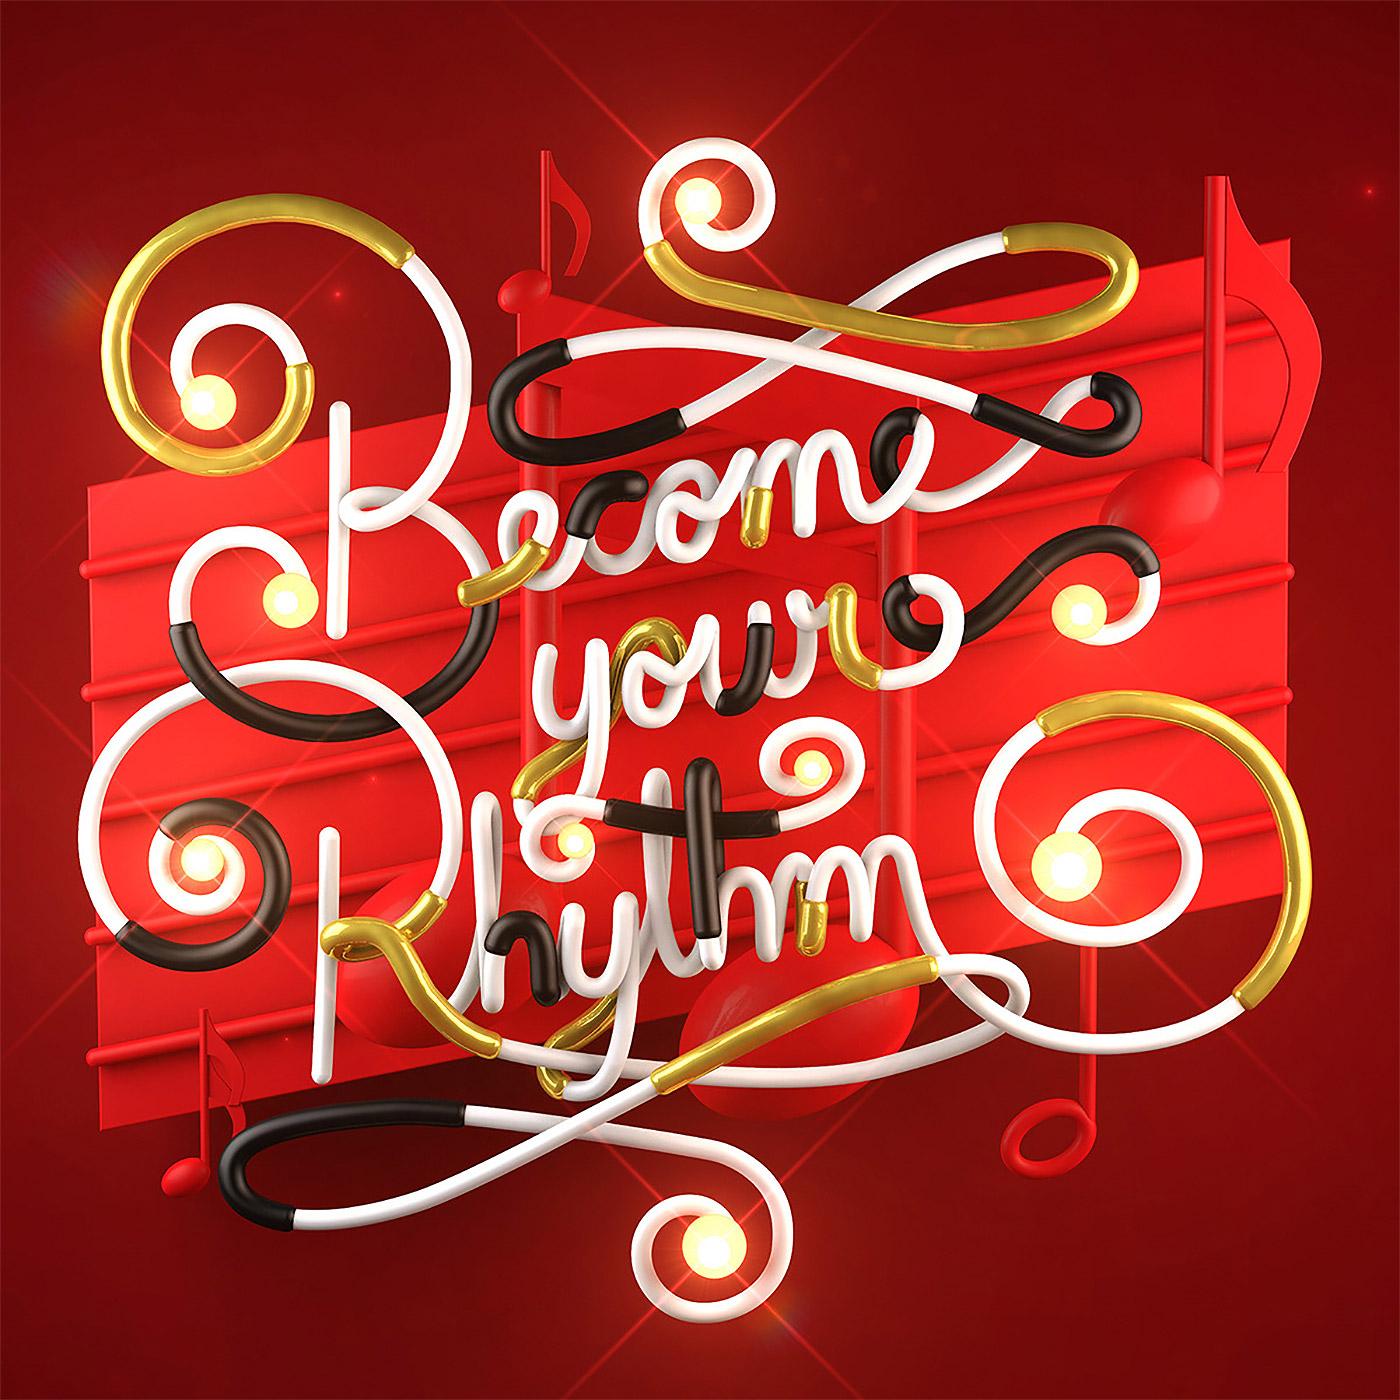 typography-carlo-cadenas-05.jpg